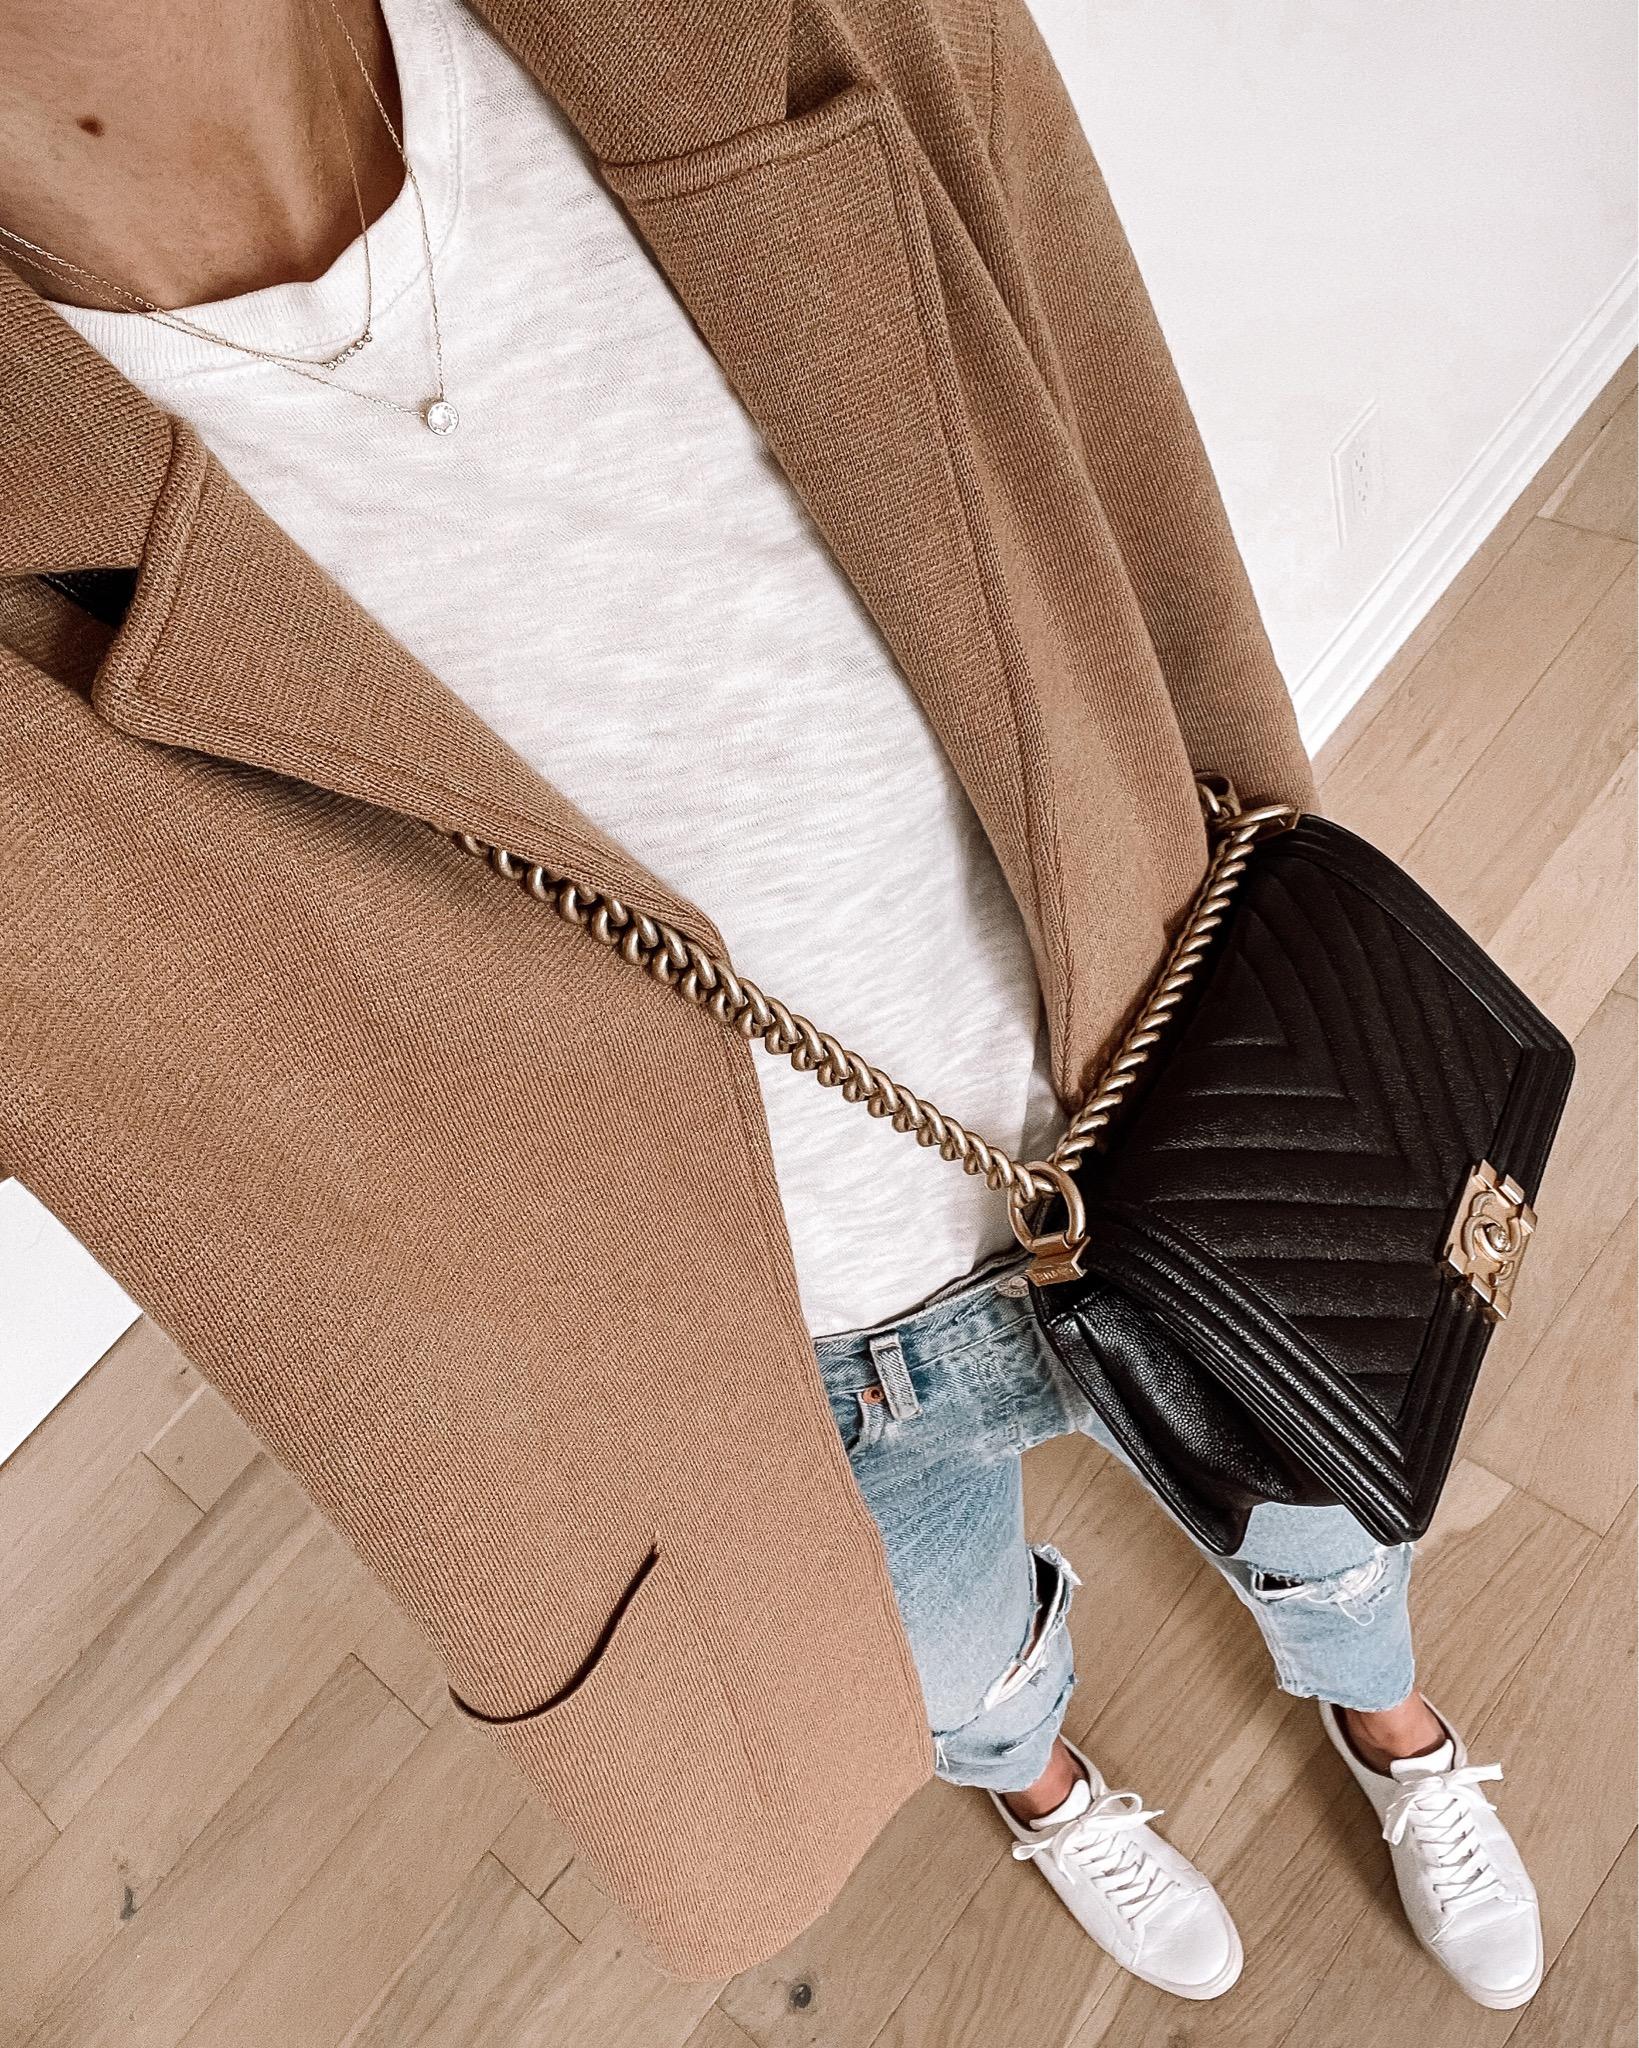 Fashion Jackson Wearing Jcrew Tan Cardigan White Tshirt Ripped Jeans White Sneakers Chanel Black Boy Bag